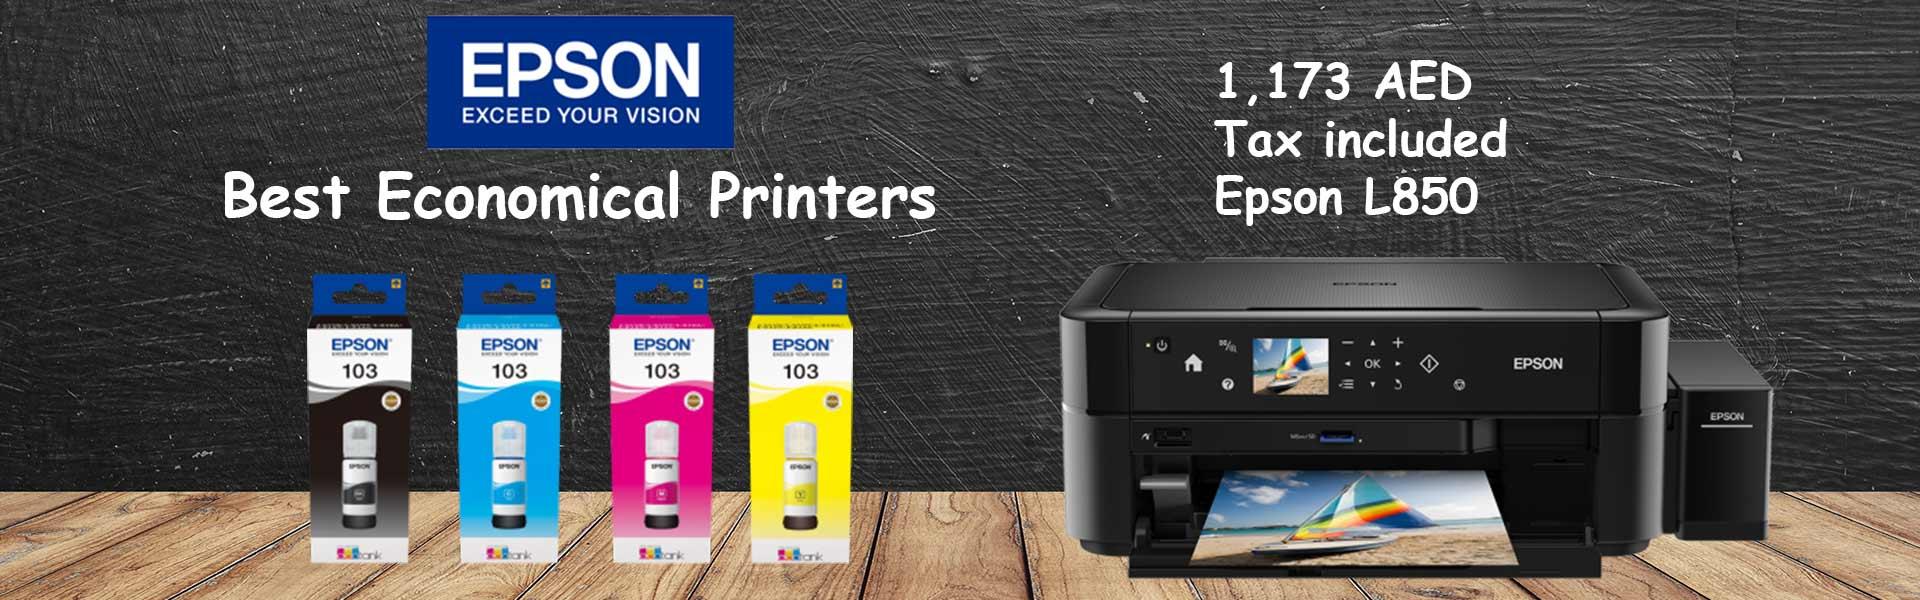 epson-printers-dubai